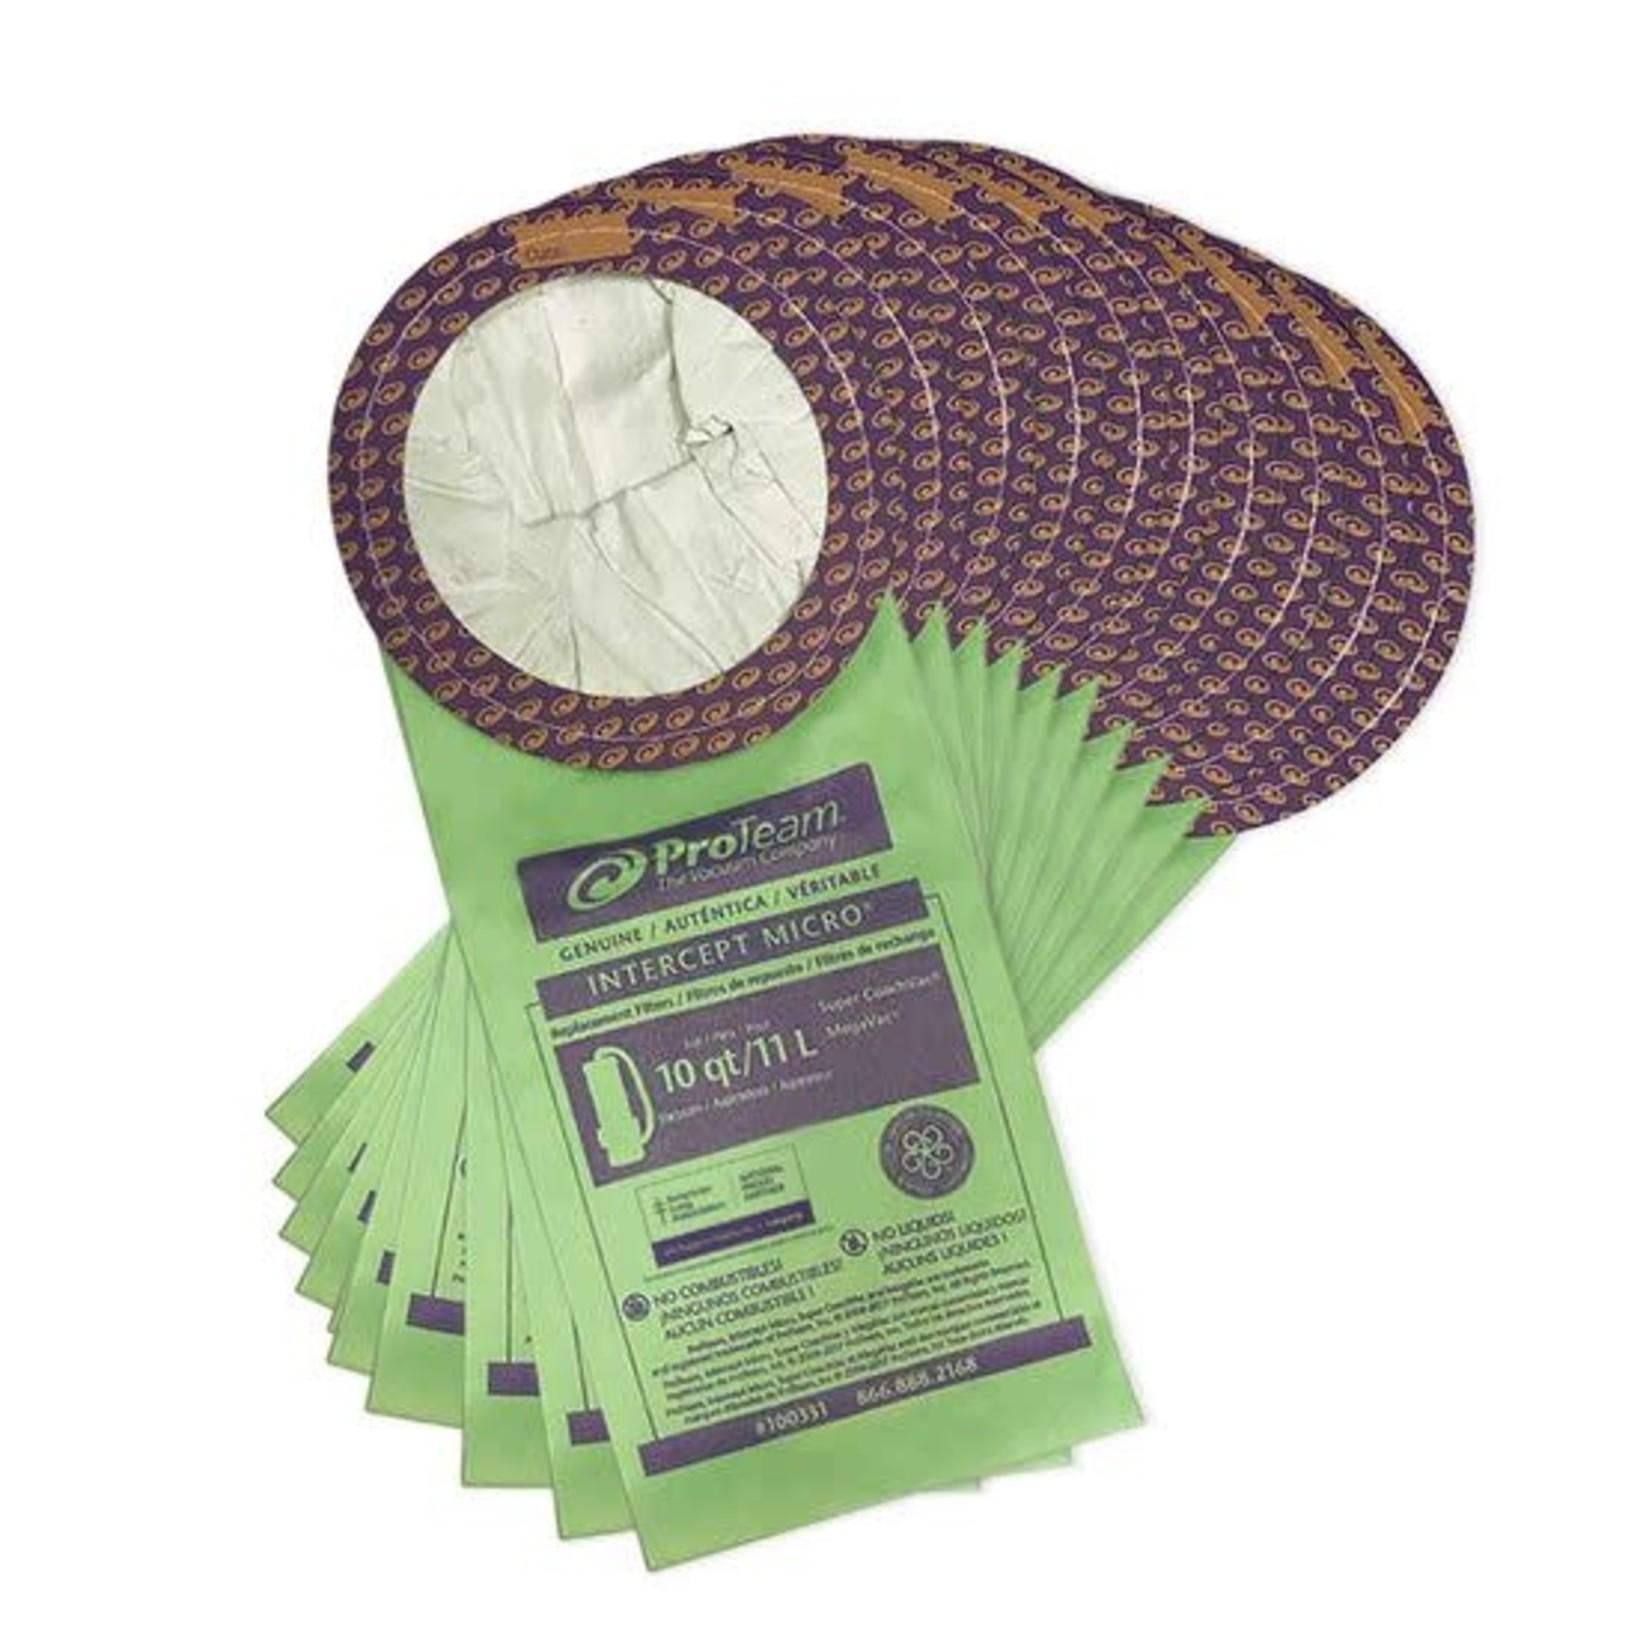 ProTeam Commercial Vacuums Intercept Micro Filter Bag, Open Collar, Fits 10 qt. (10 pk.)